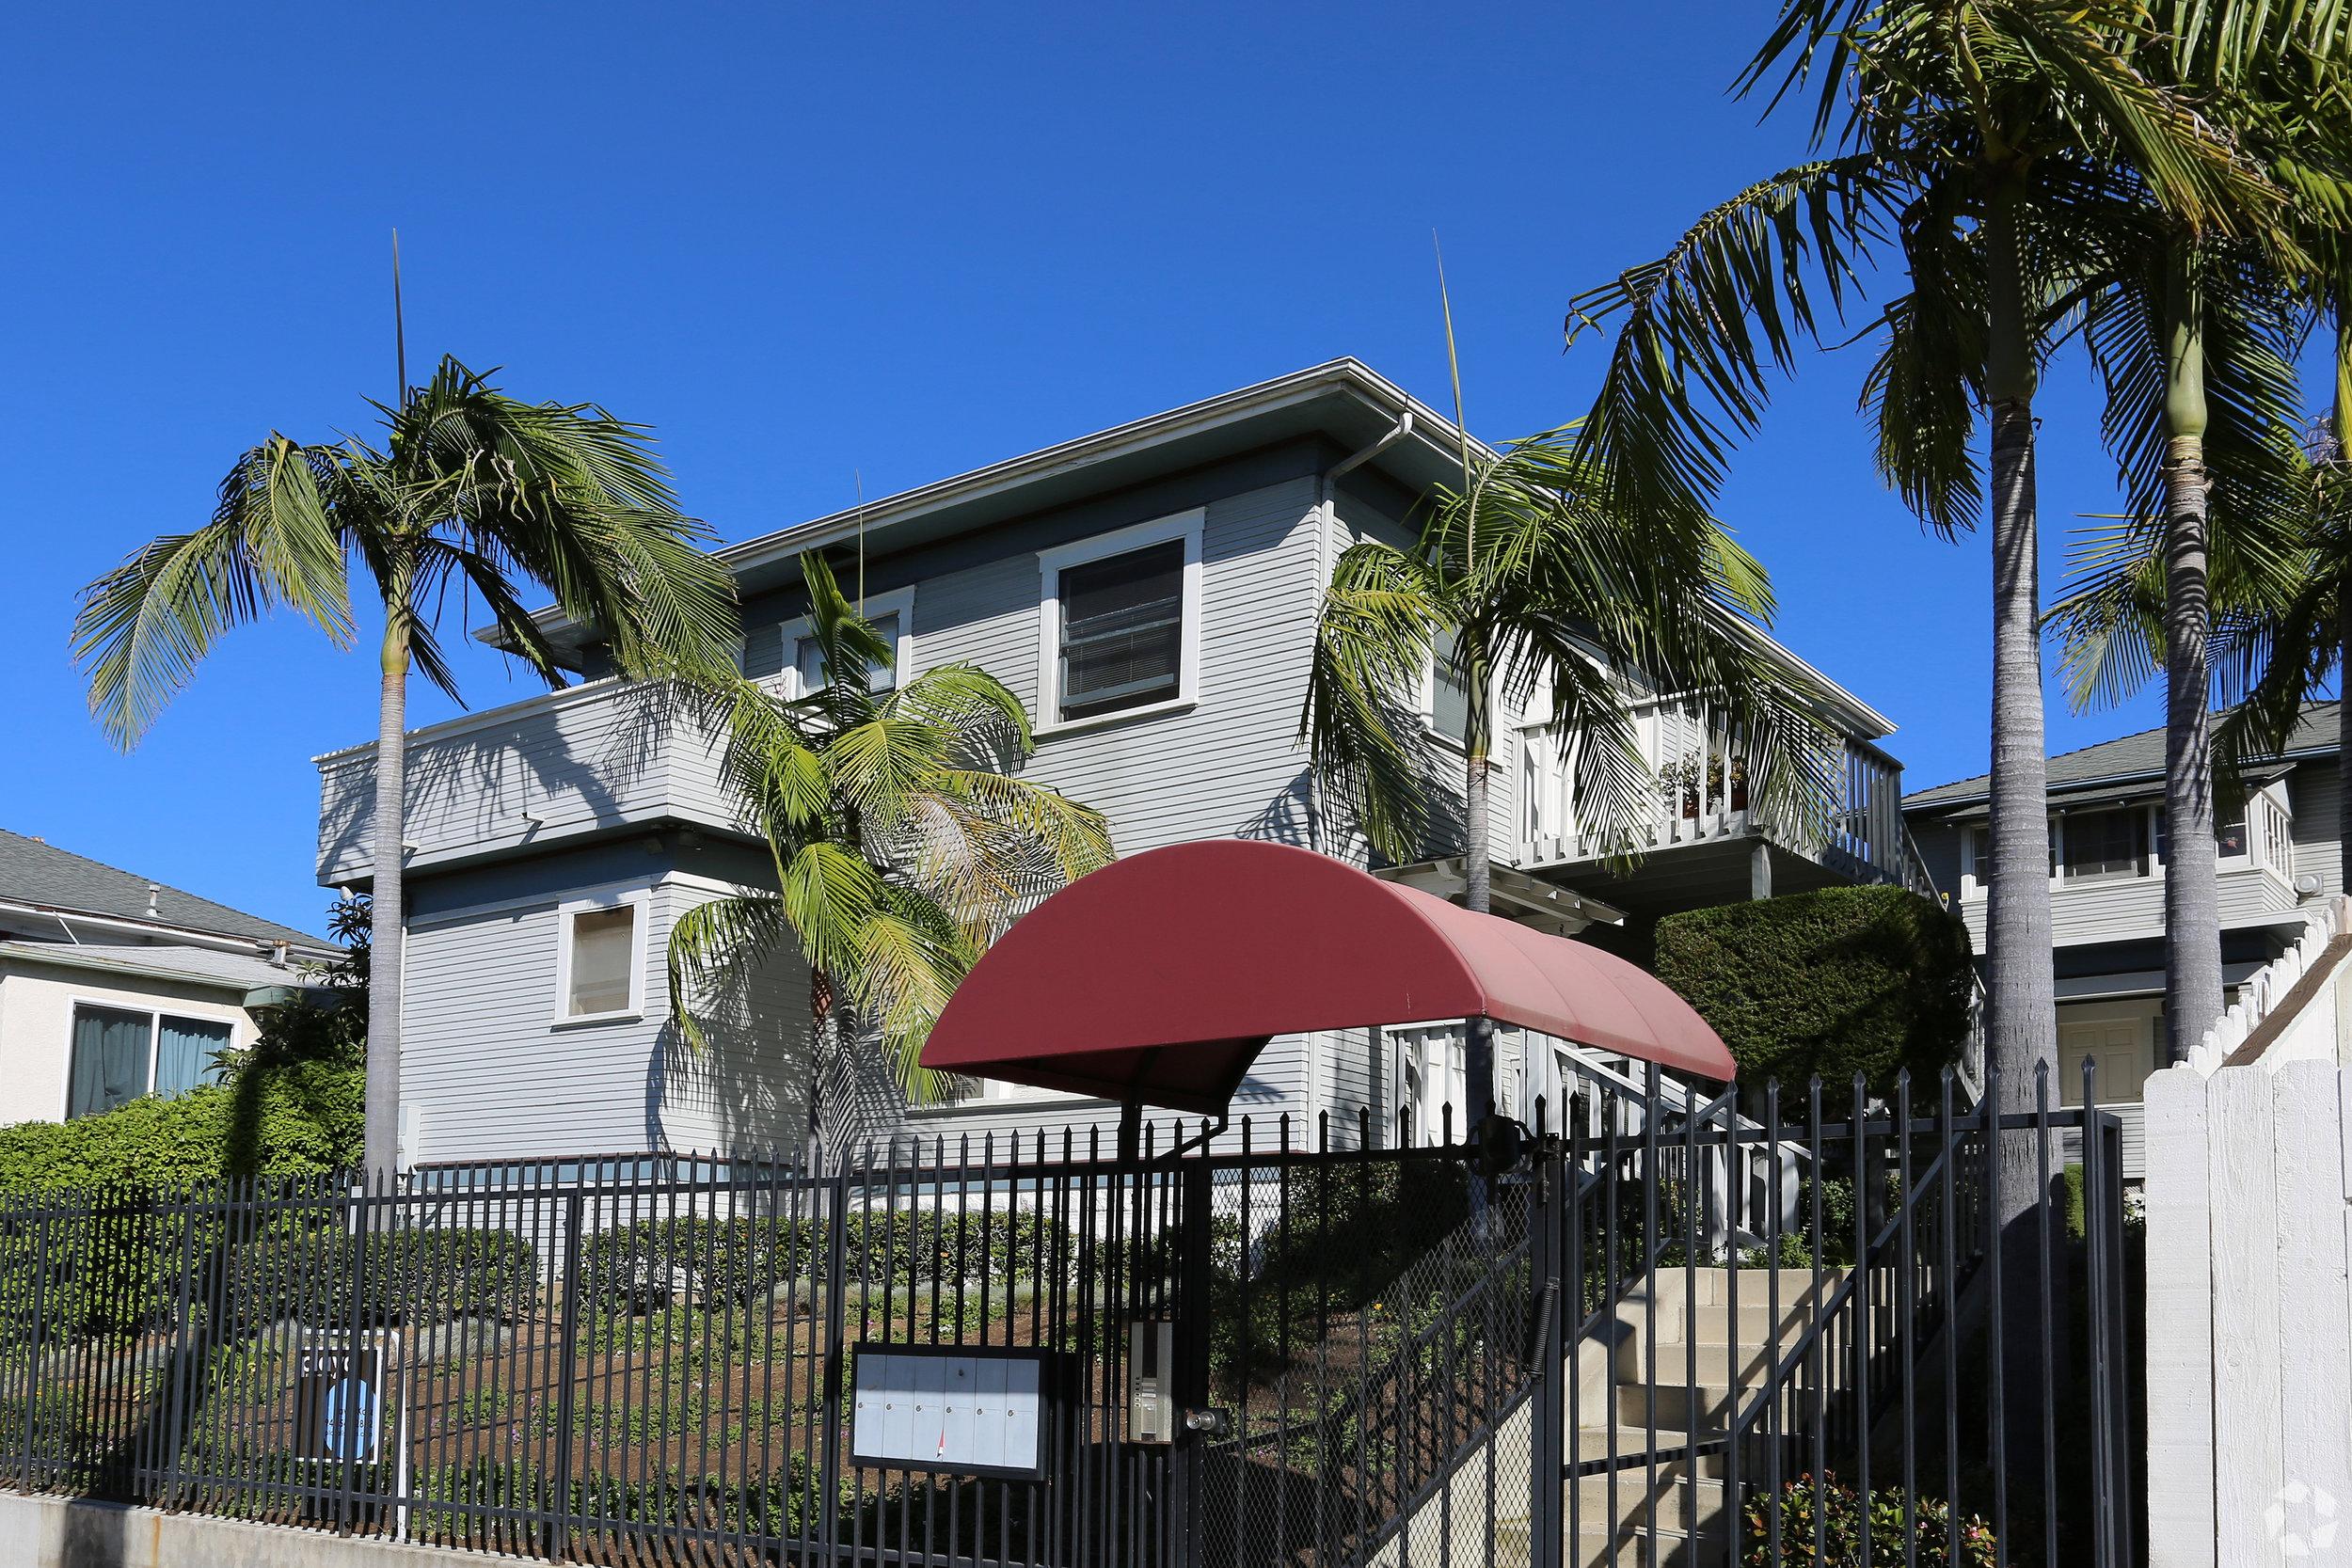 1027 21st street - Golden Hill5 Units$930,000